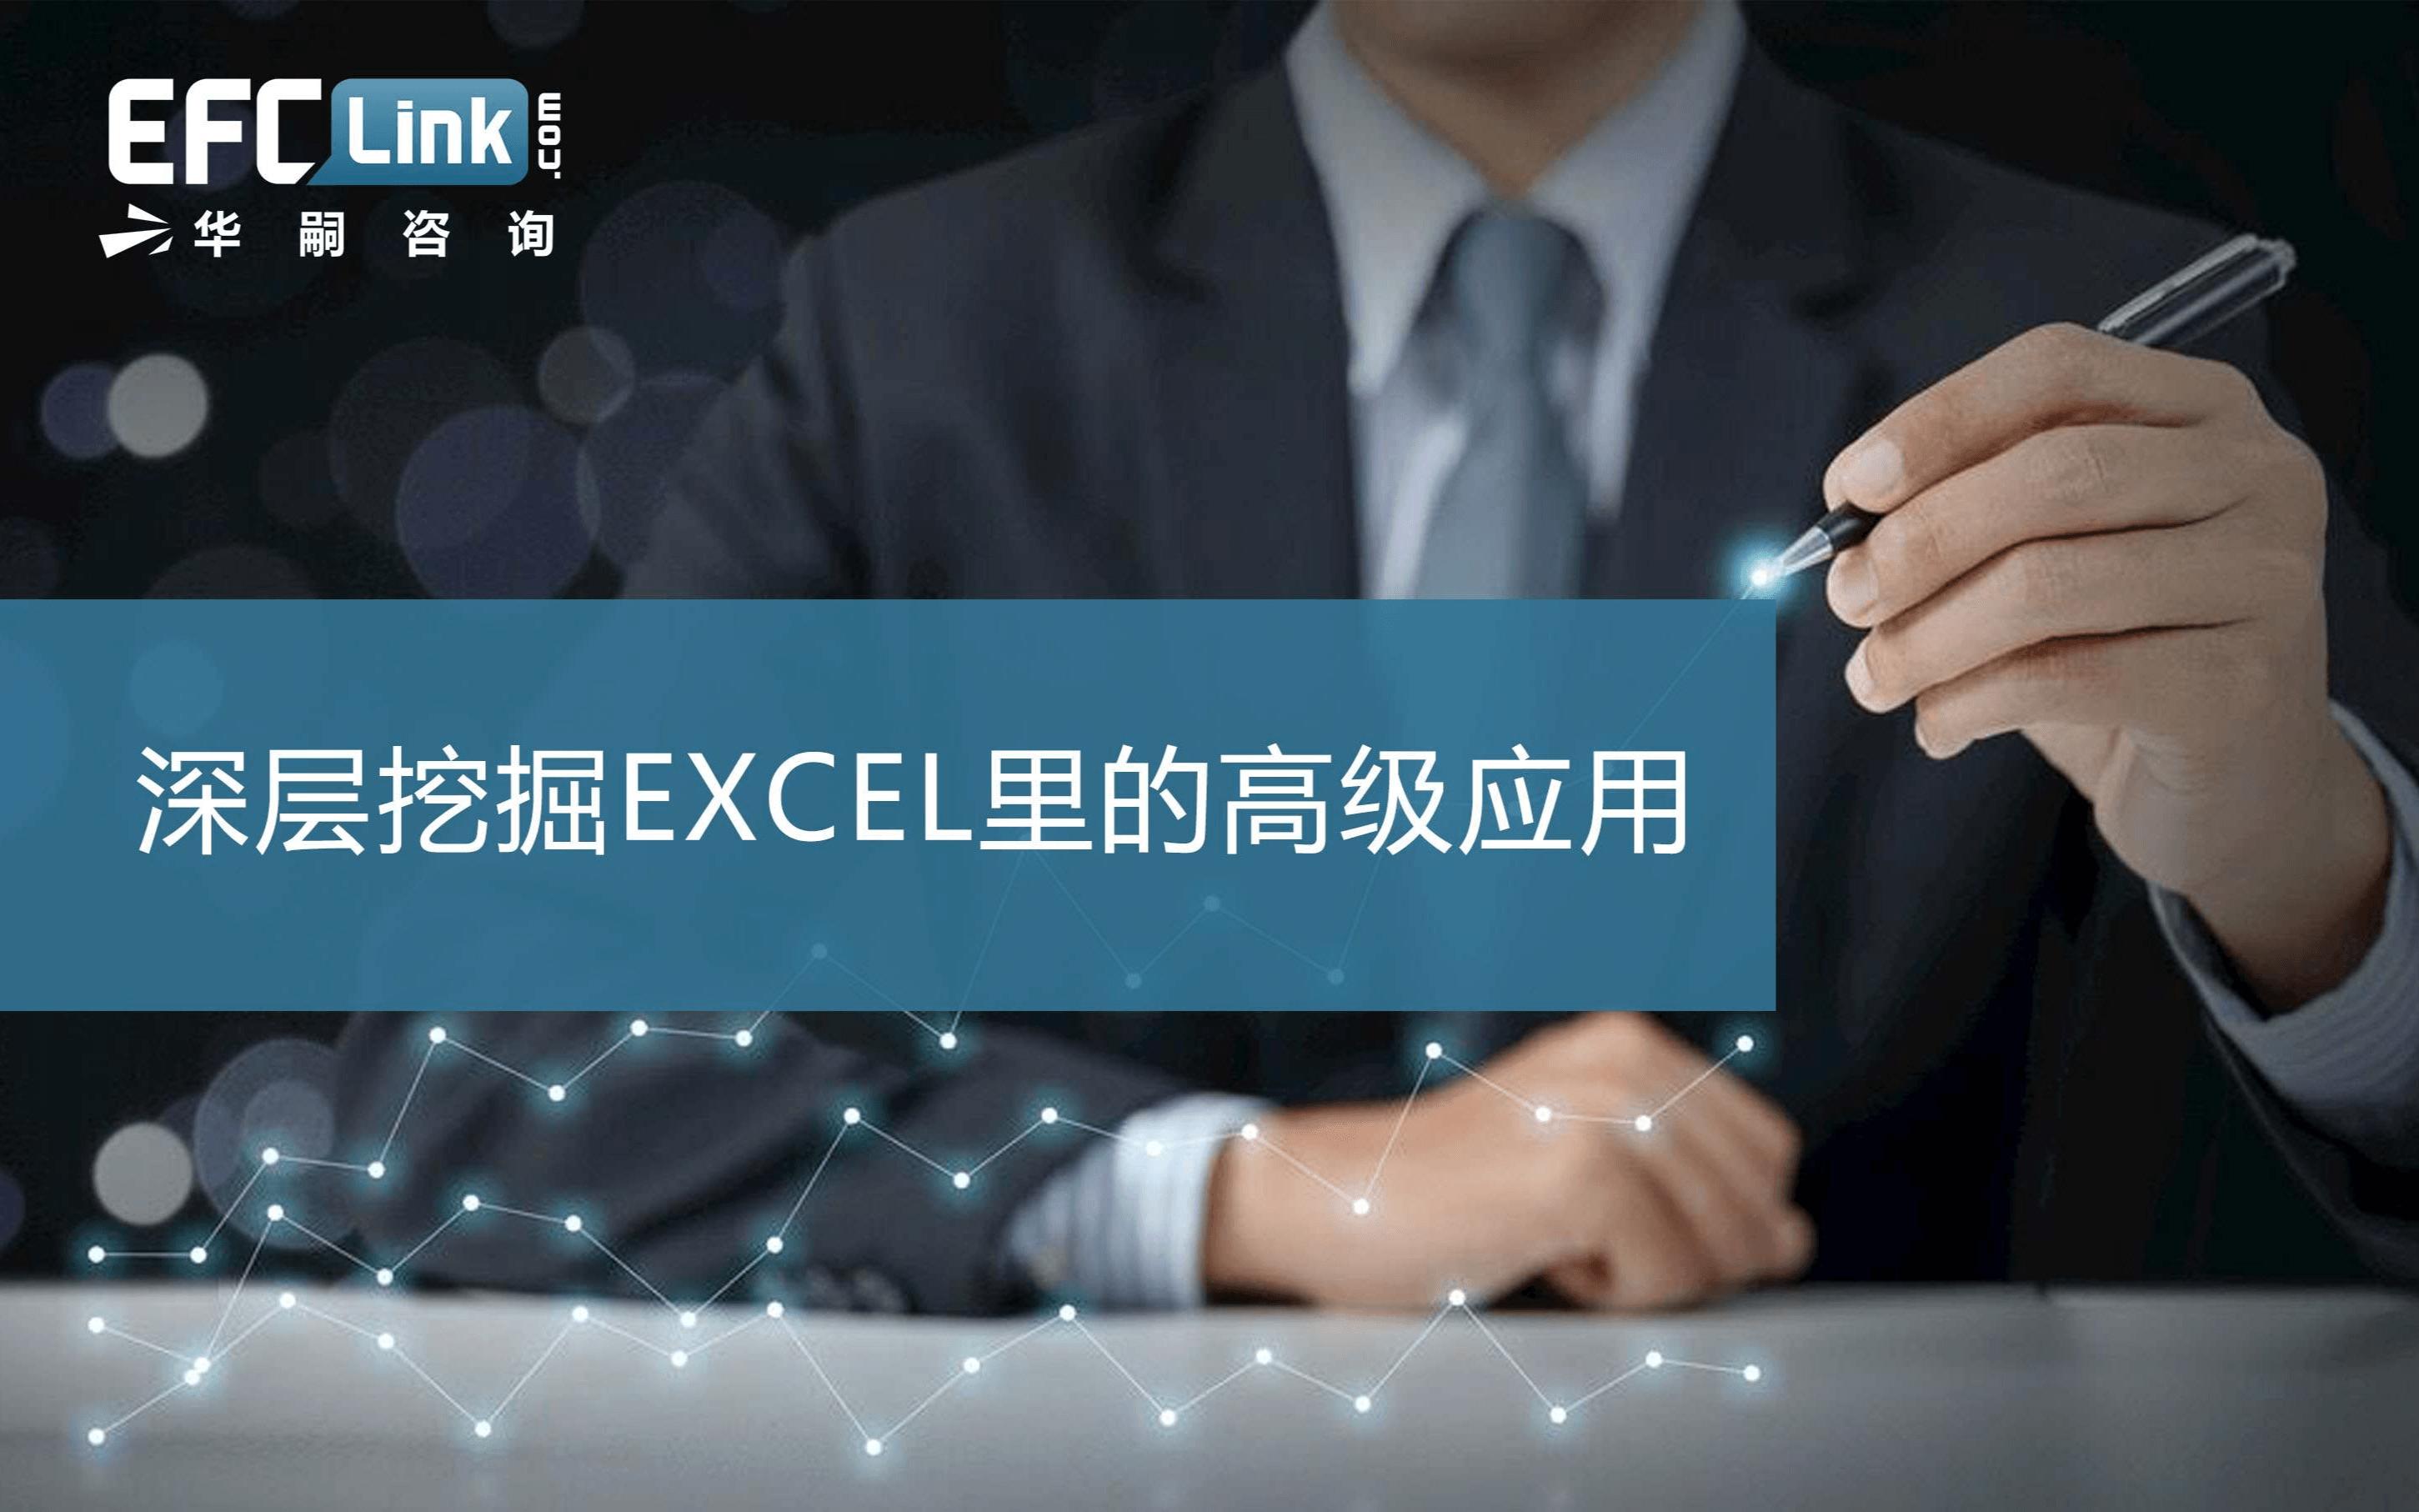 2020深层挖掘EXCEL里的高级应用(深圳-12月24日)